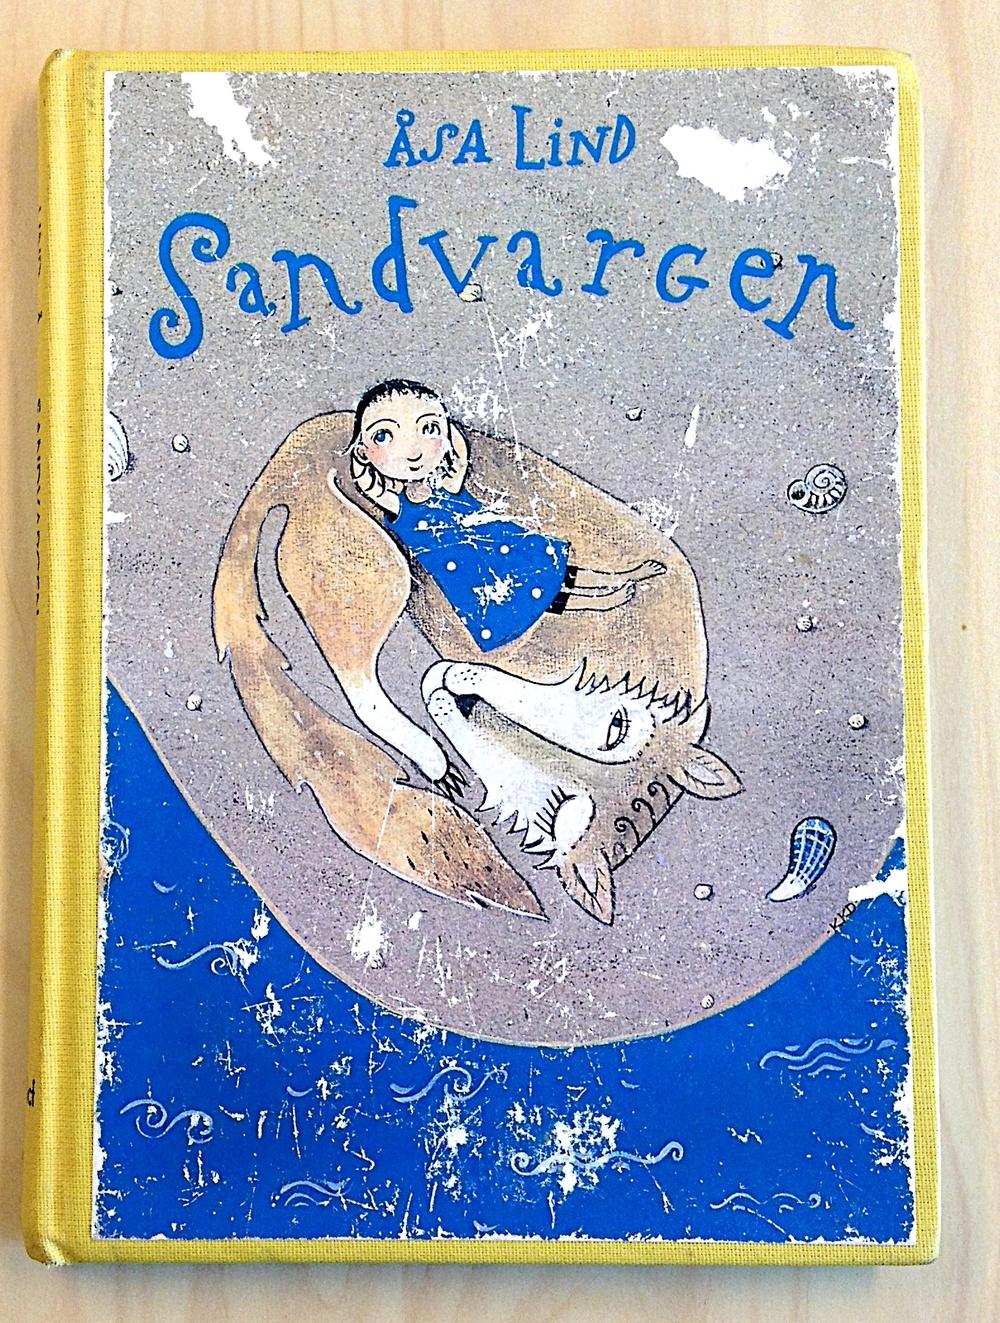 Sandvargen av Åsa Lind  Illustrationer av Krisitna Digman